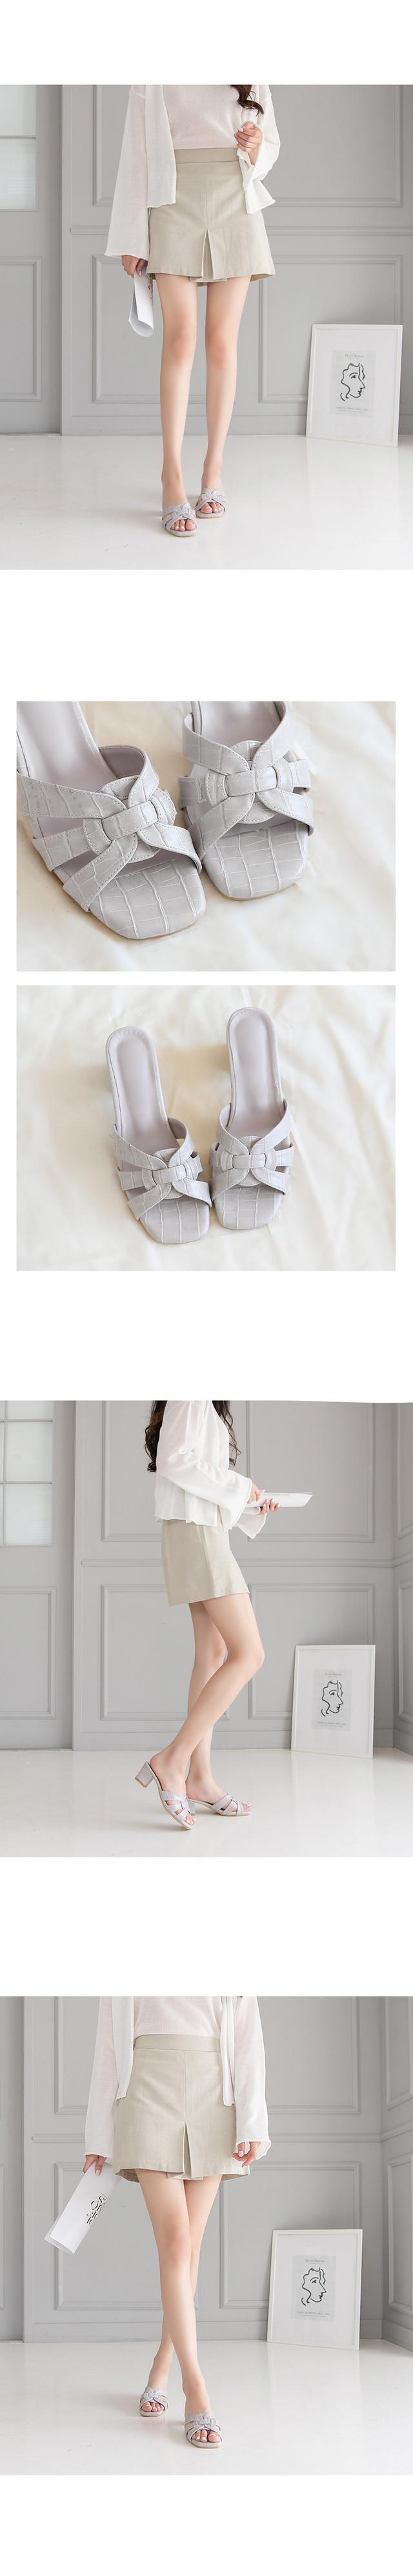 ReMus Mule Slippers 5cm